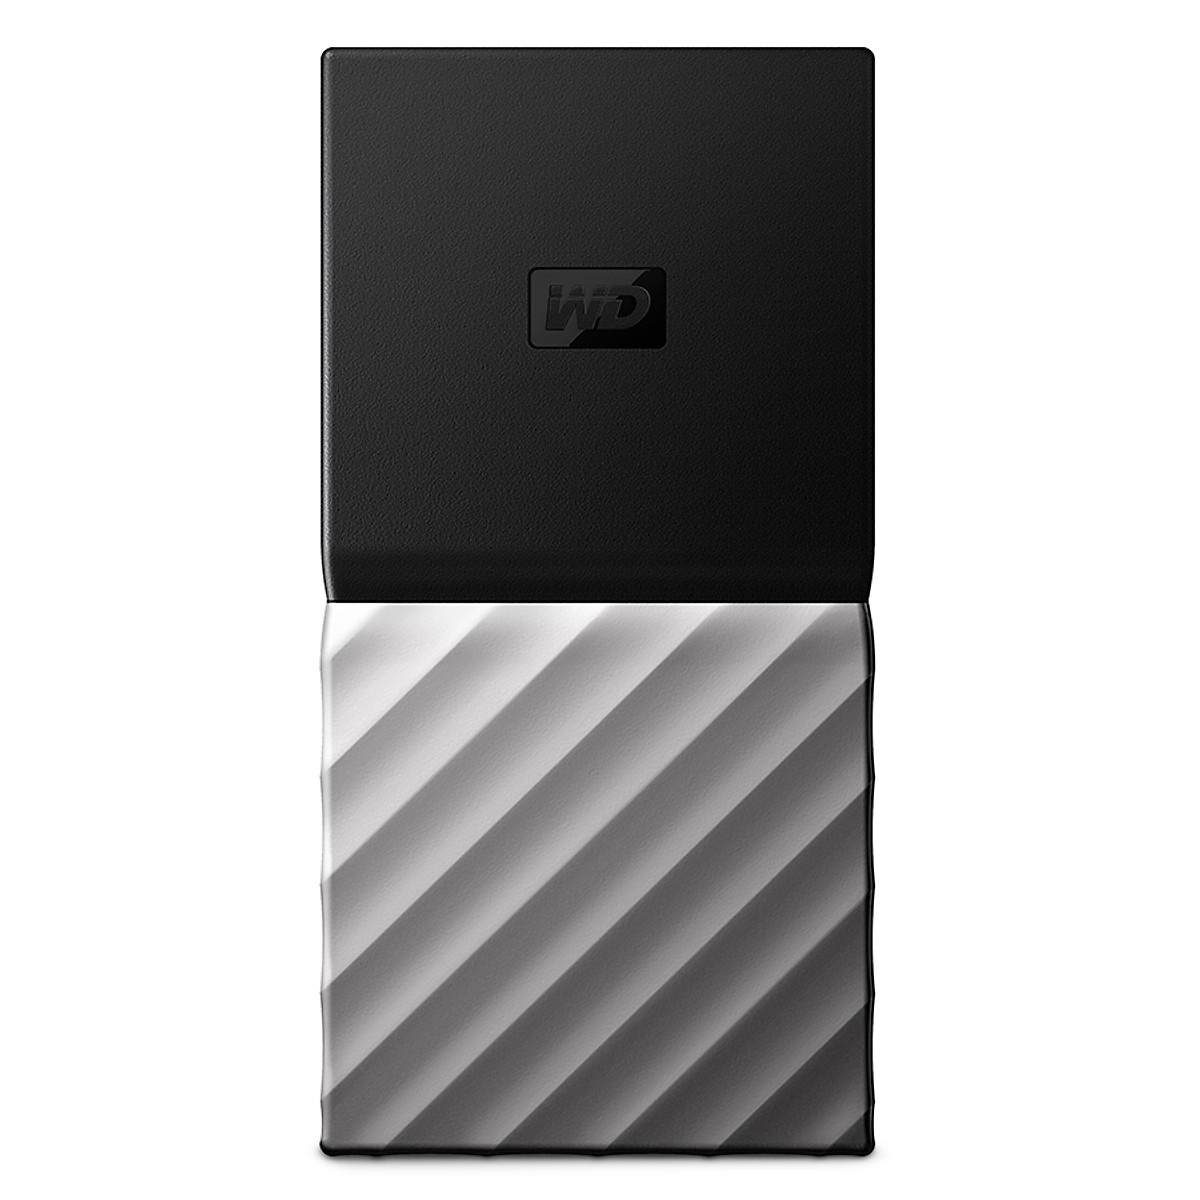 Ổ Cứng Di Động WD My Passport SSD 256GB – Hàng Chính Hãng